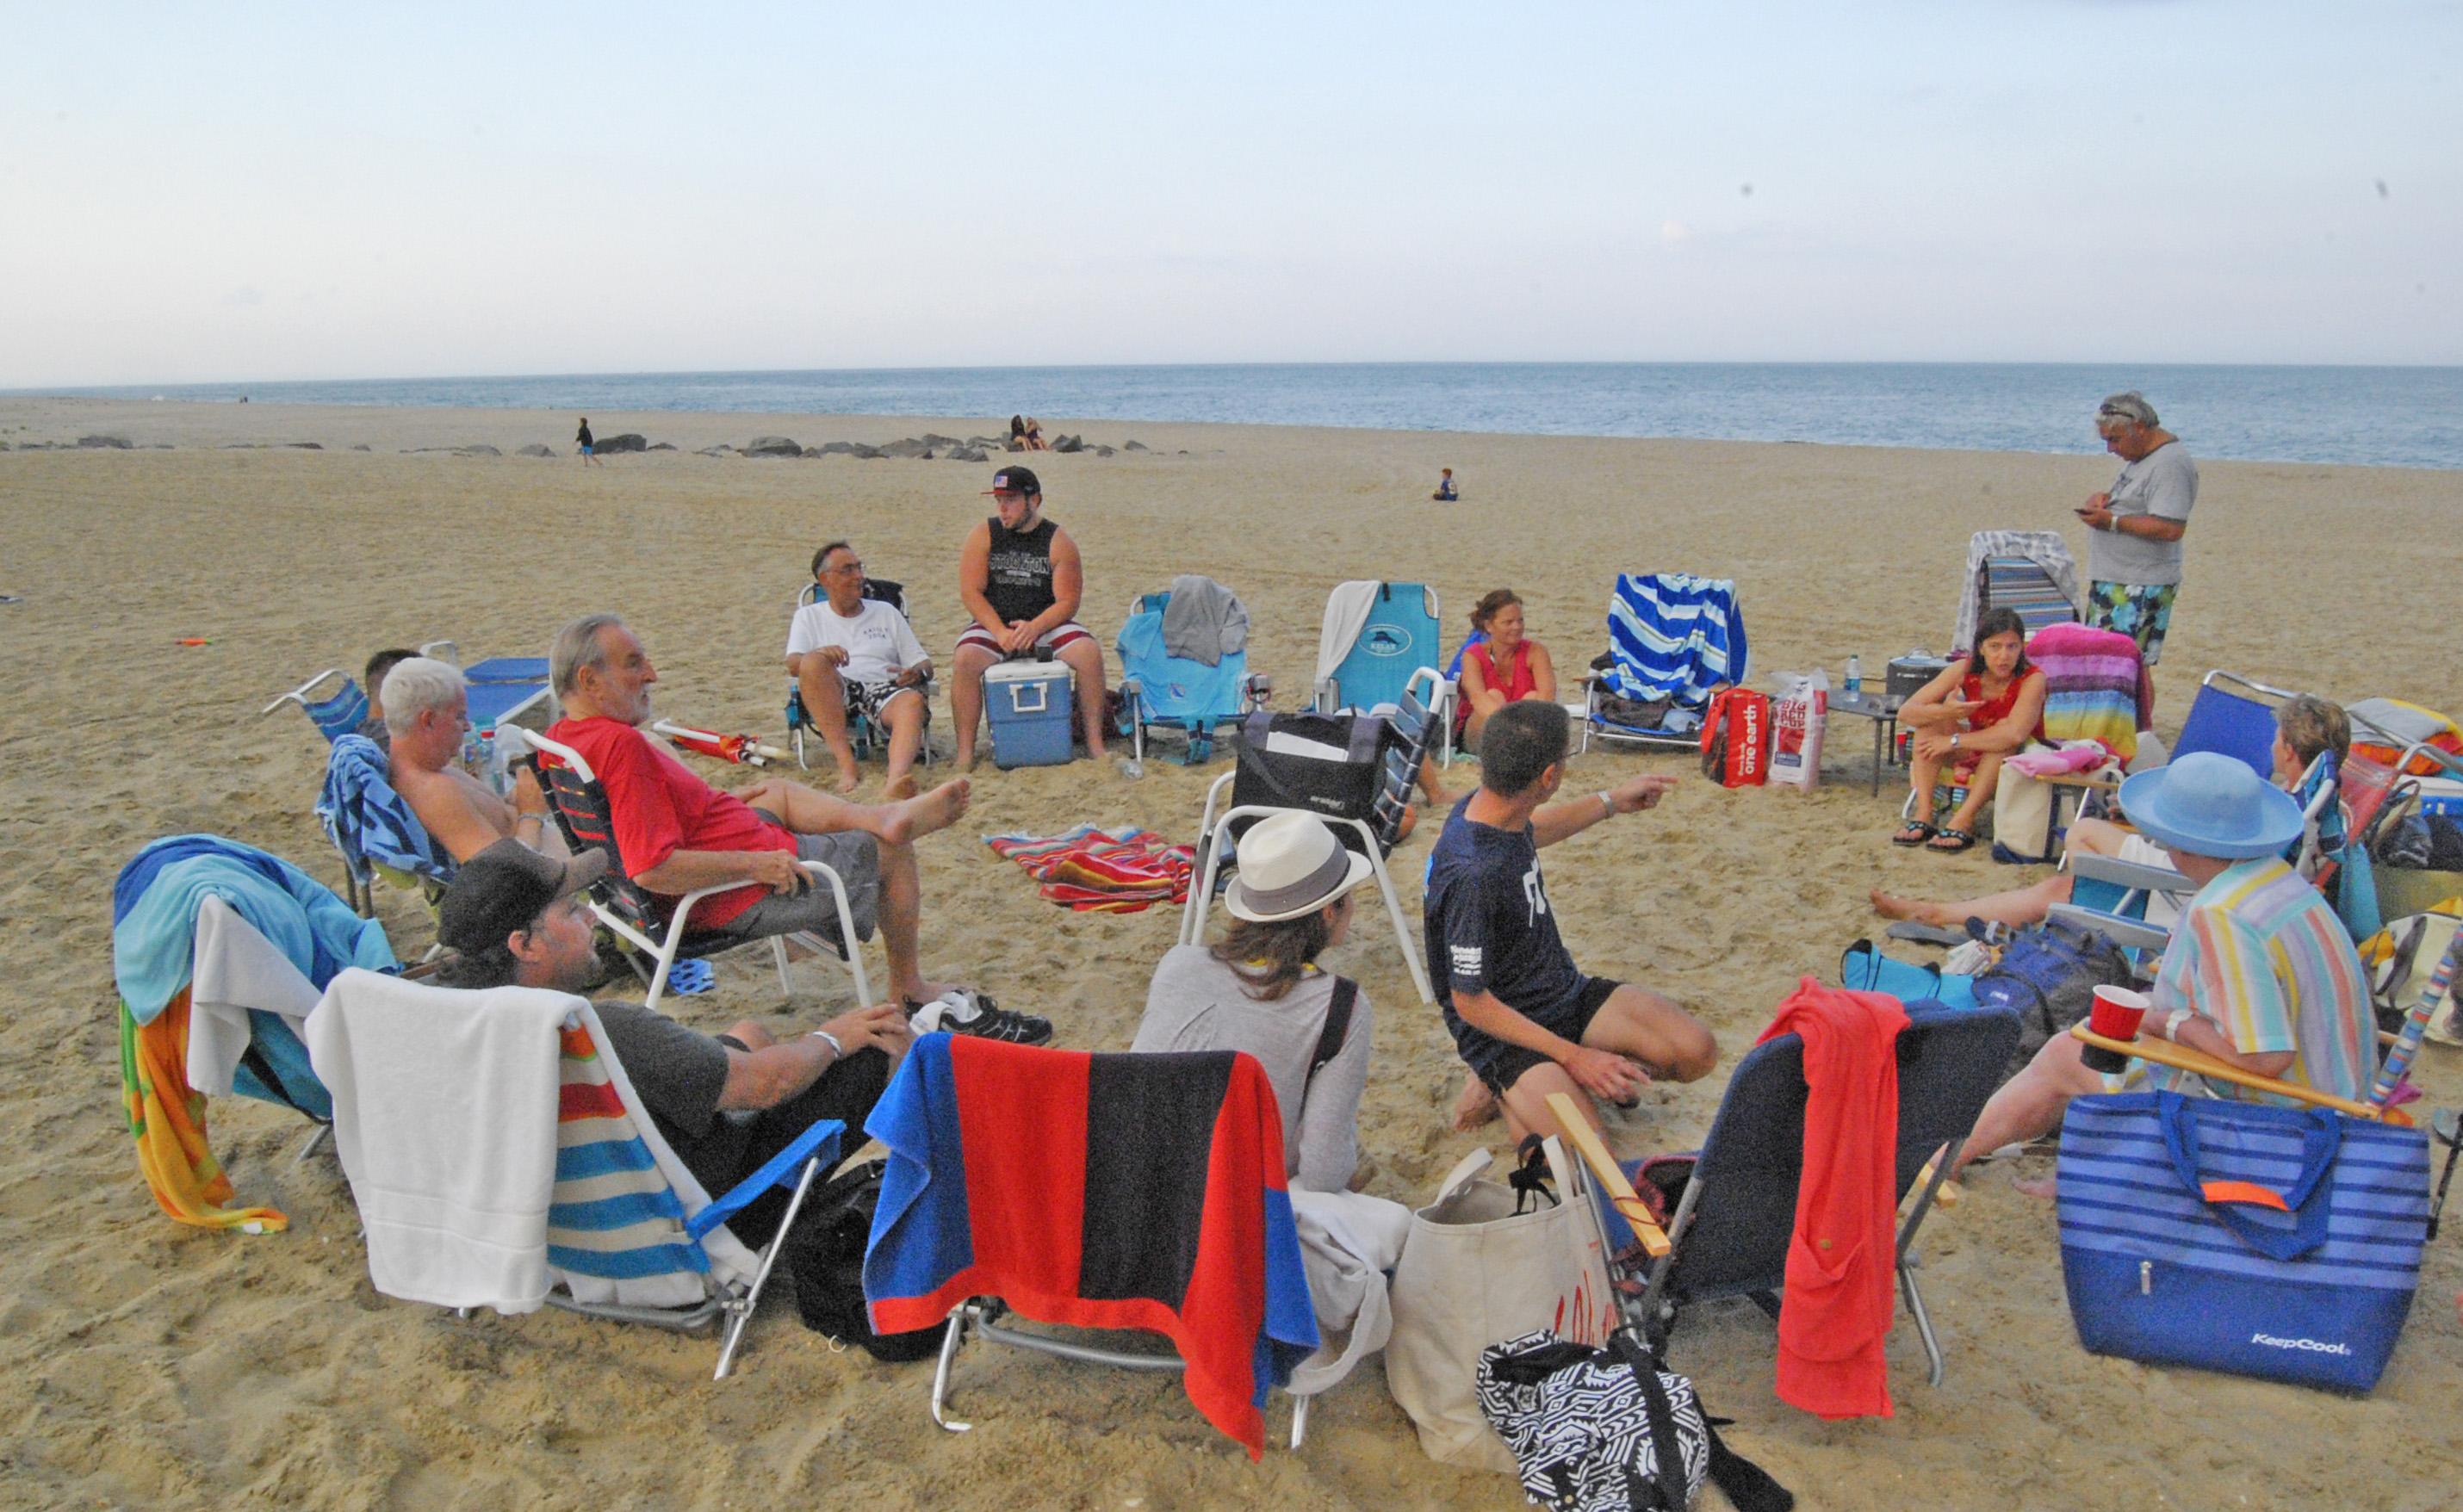 Beach circle